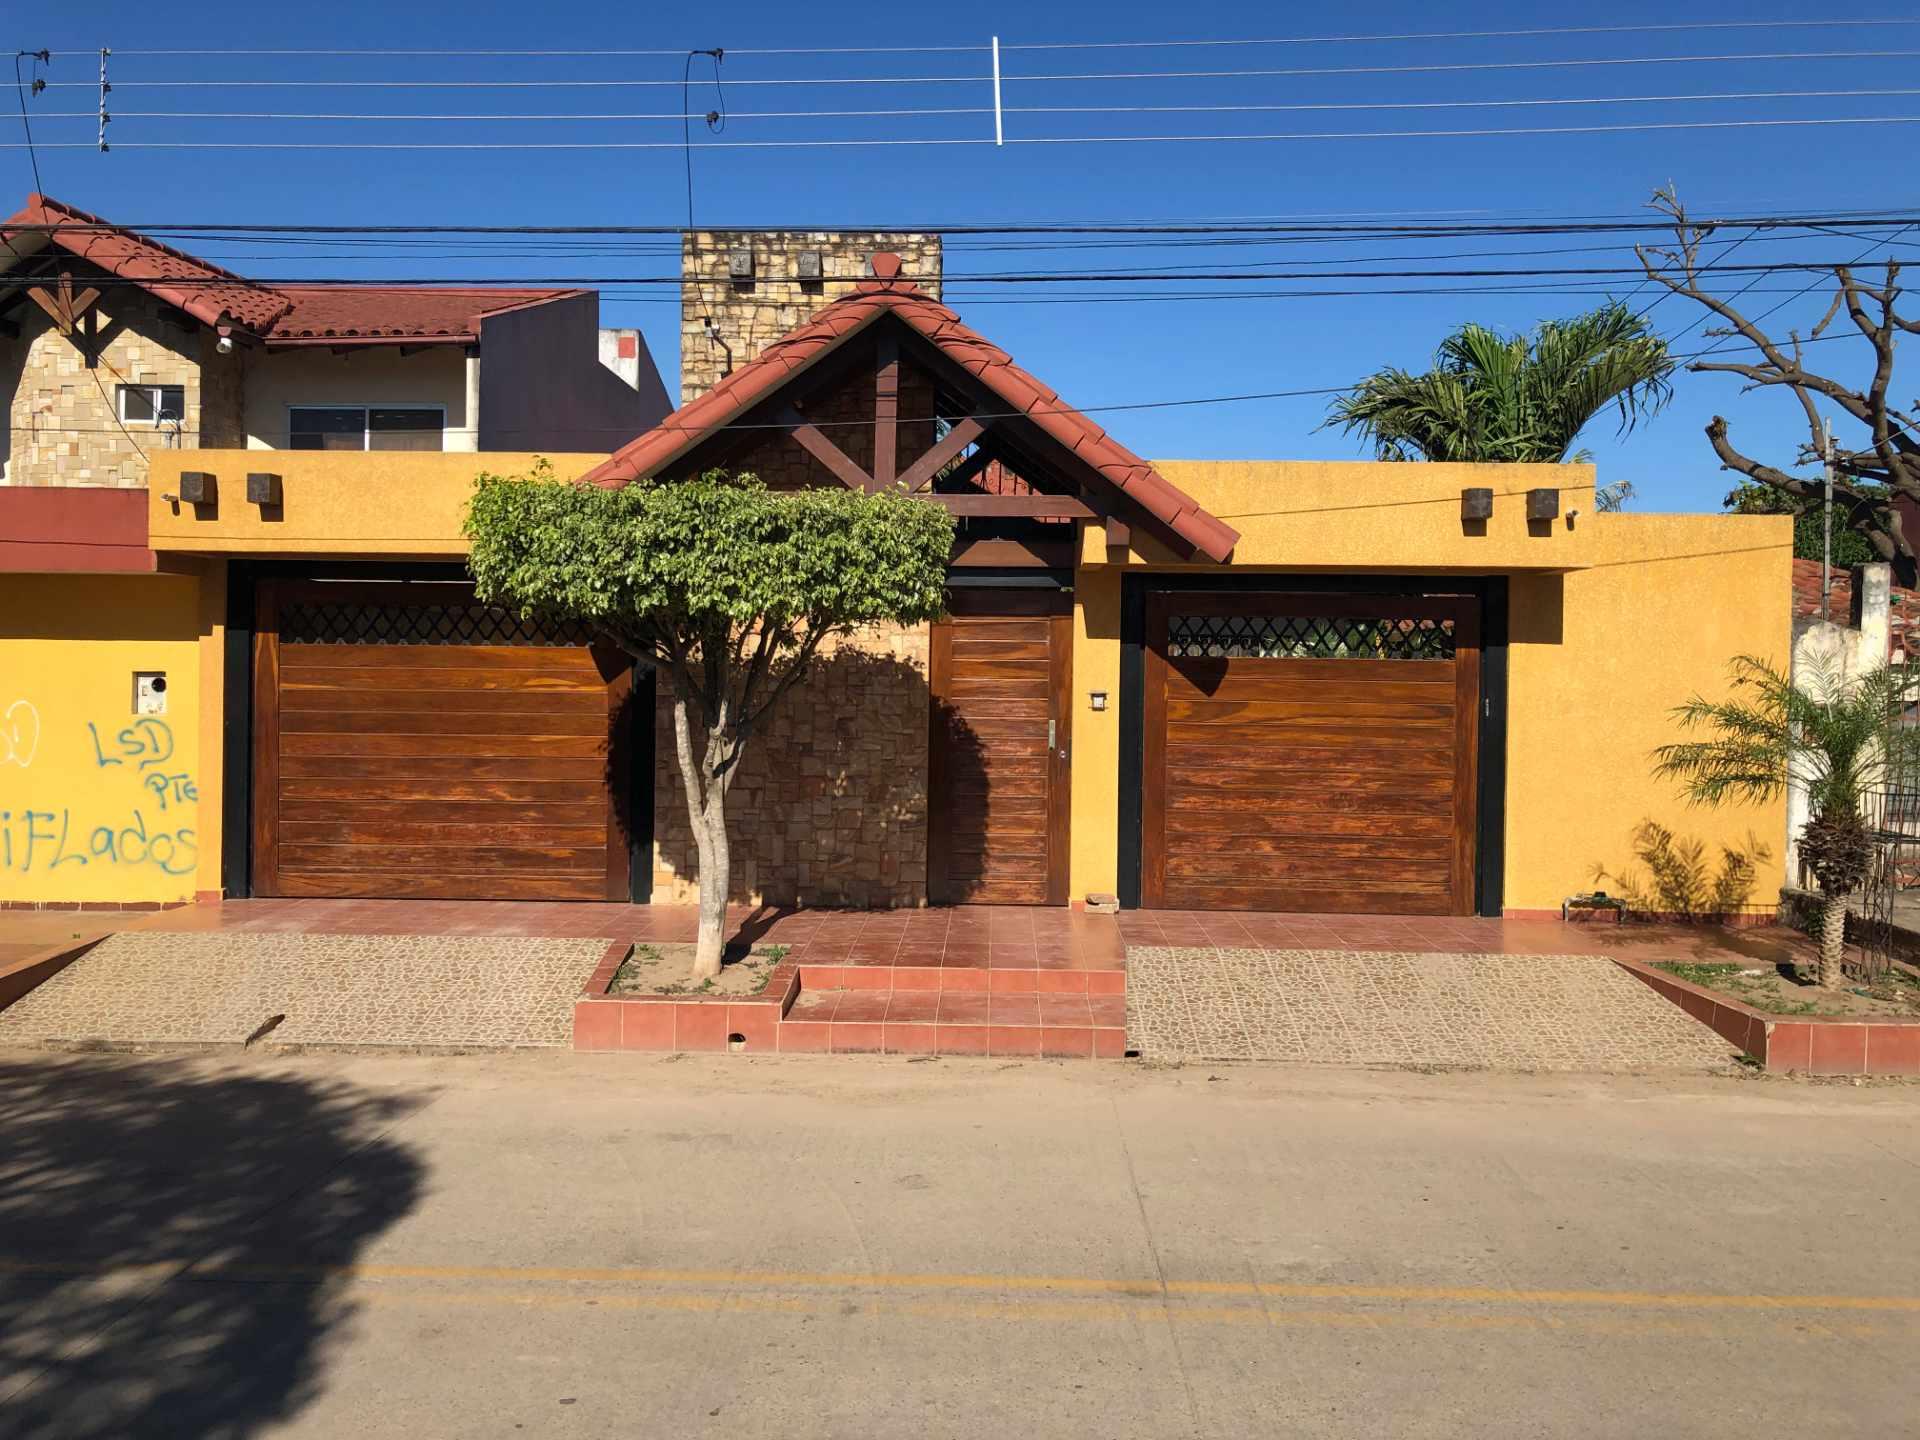 Casa en Venta Los Tusequis, Avenida 2 de Agosto Calle Zula. Foto 8